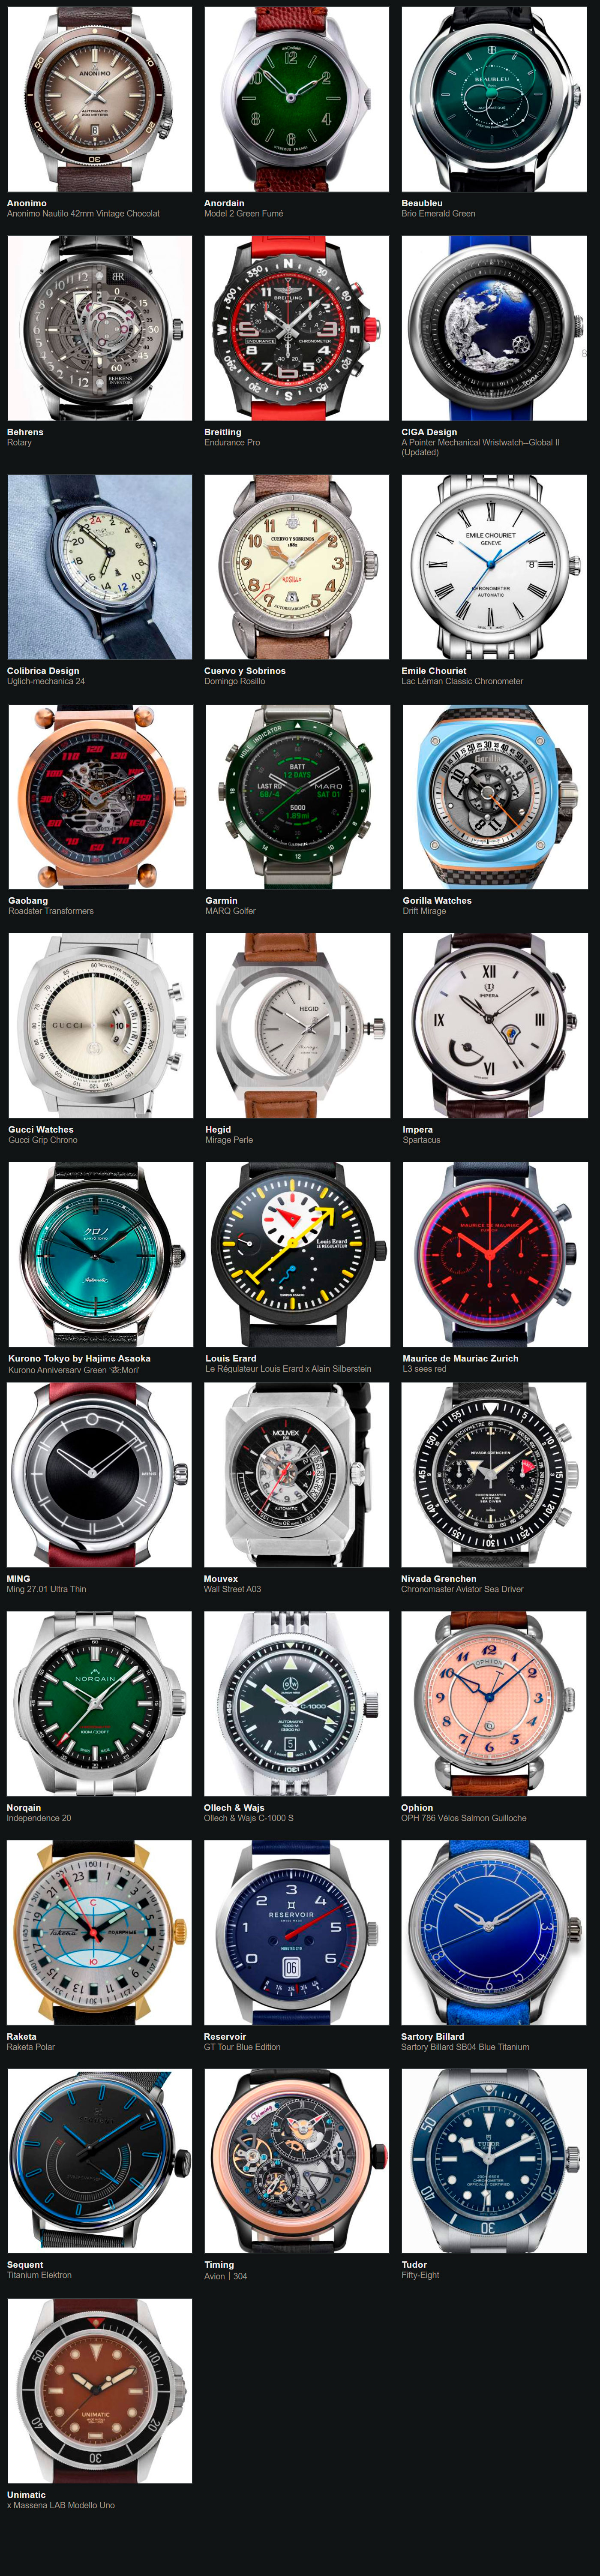 Relojes preseleccionados para el Gran Premio de Relojería de Ginebra 2020 Reto